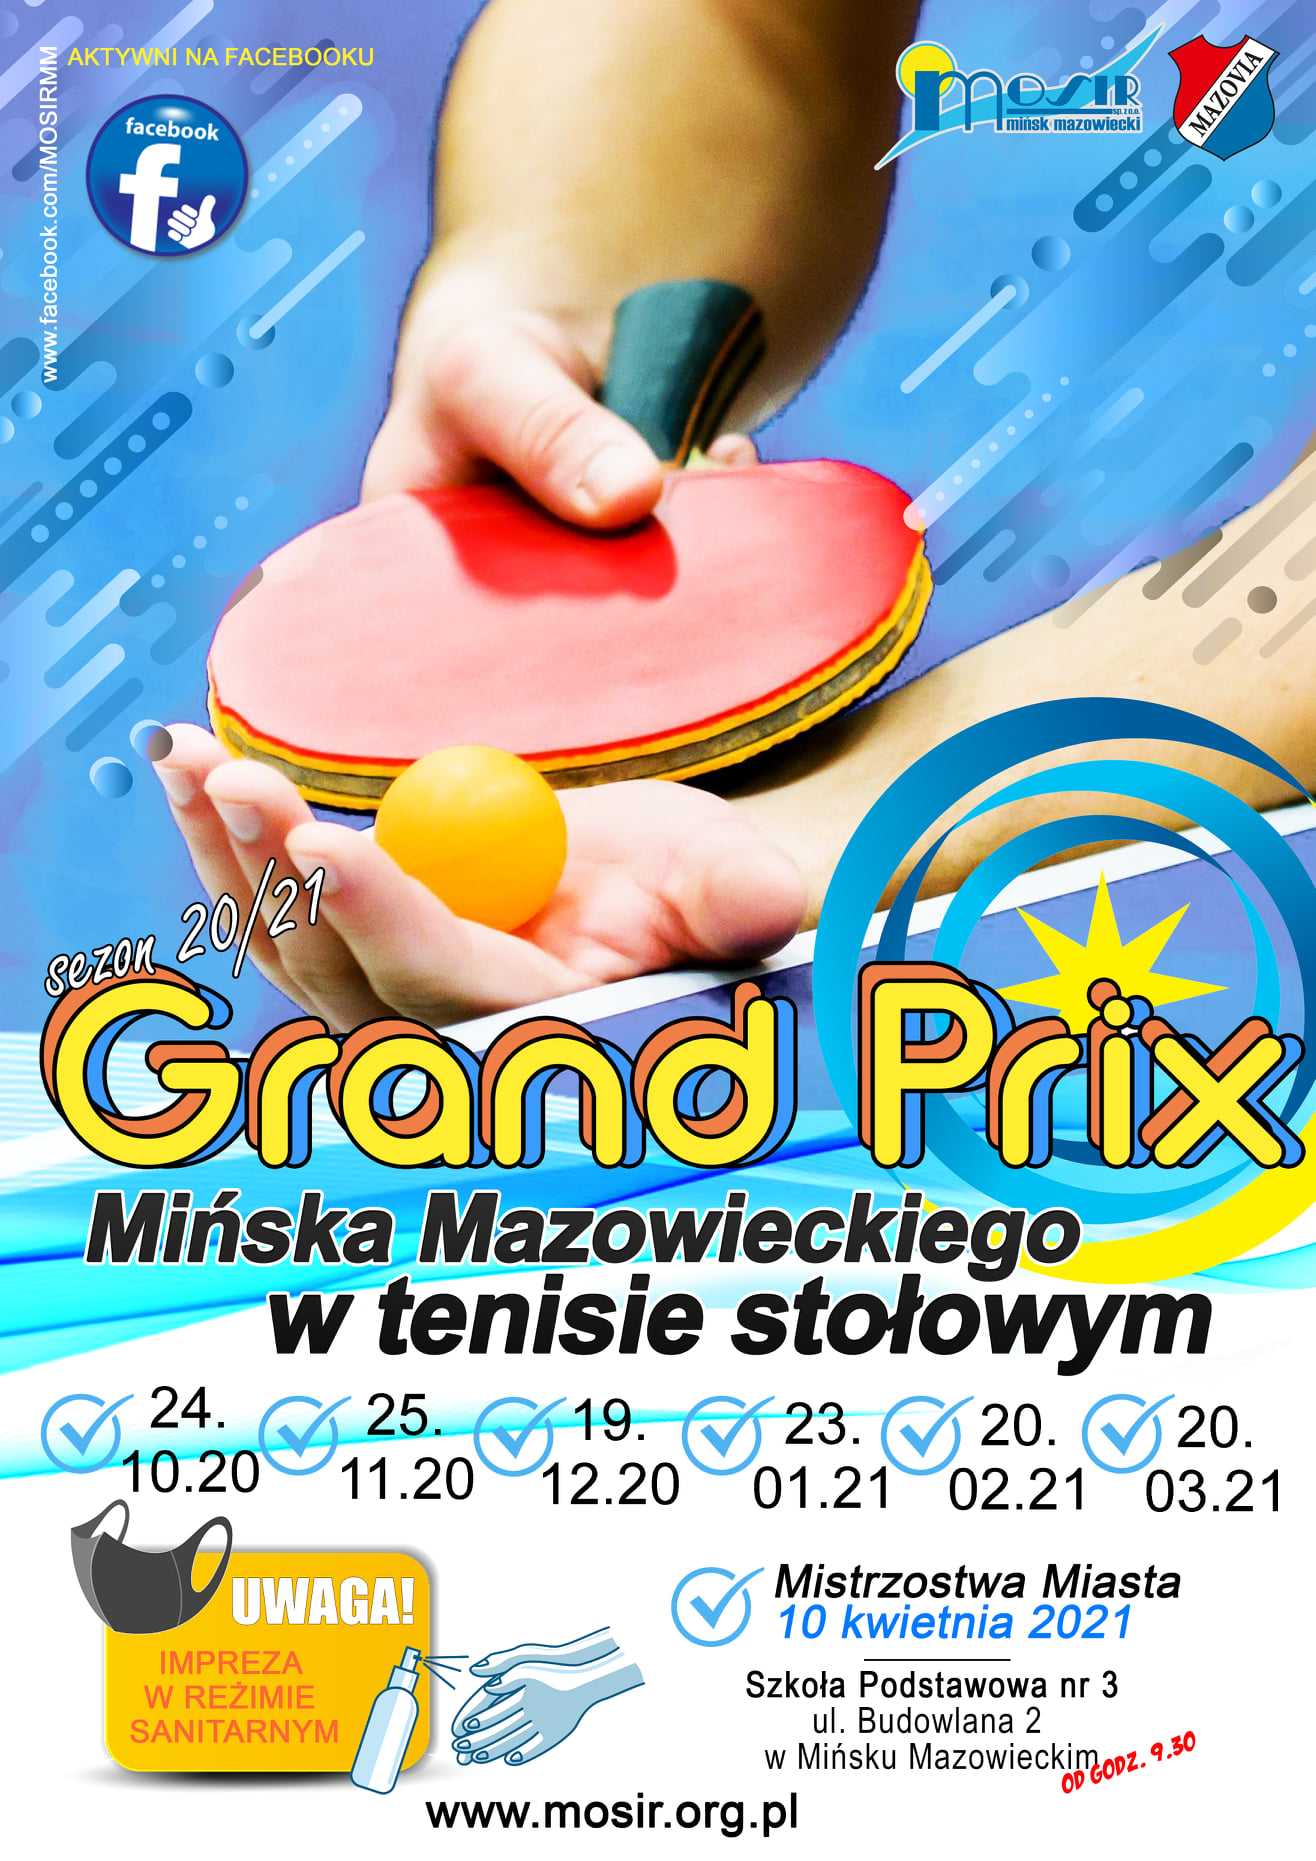 Plakat turnieju Grand Prix Mińska Mazowieckiego w tenisie stołowym w sezonie 2020/2021 - termin 4